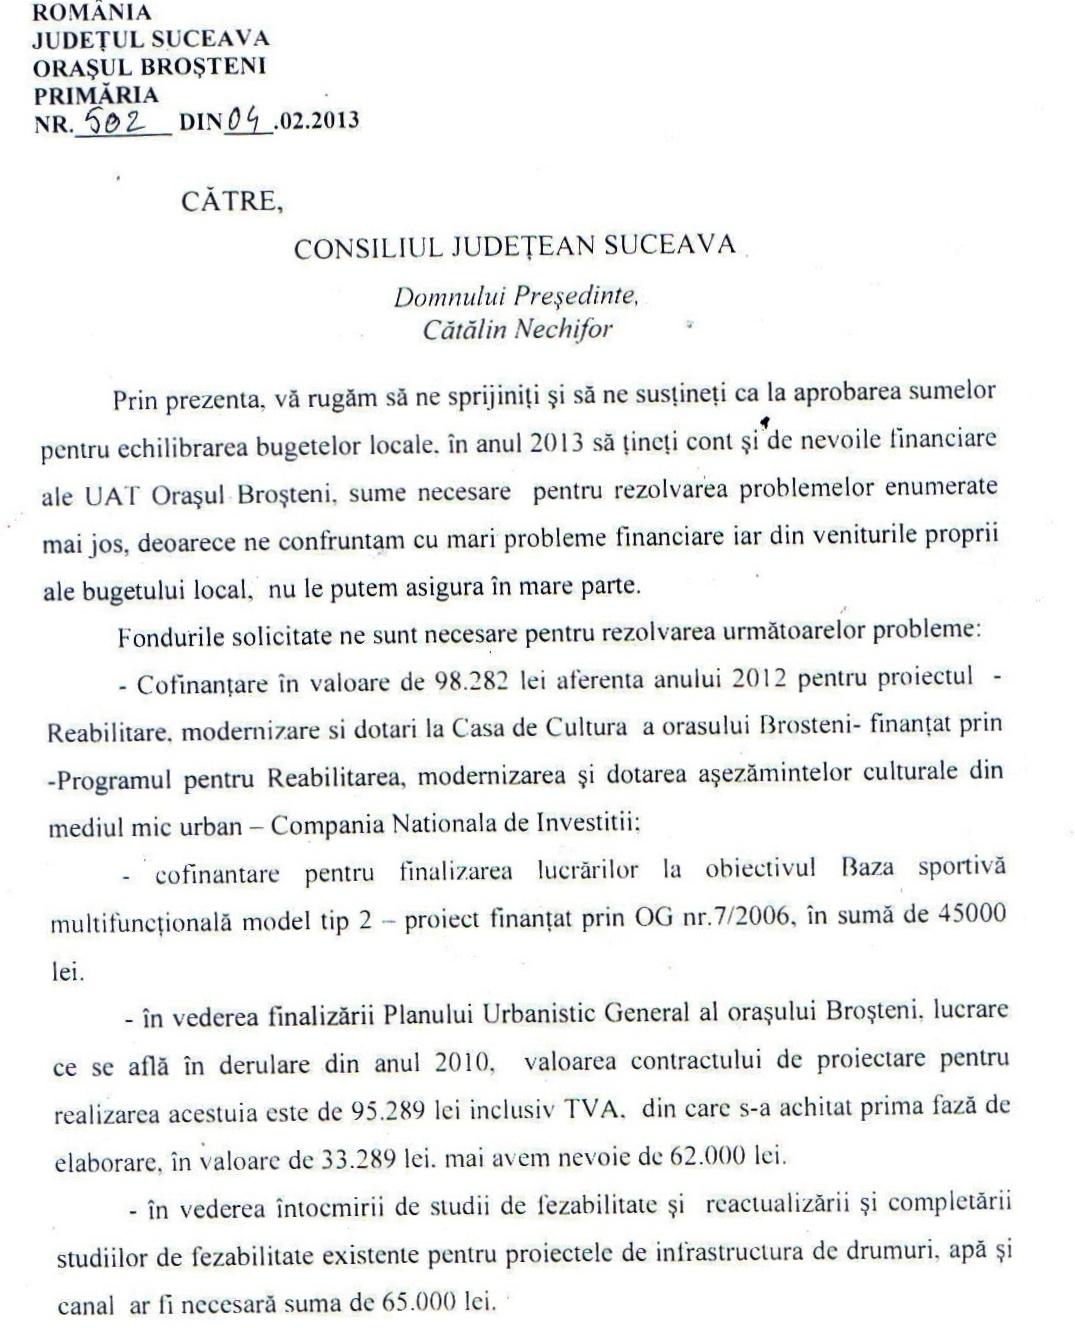 Adresa Catre Consiliul Judetean Suceava Primaria Oras